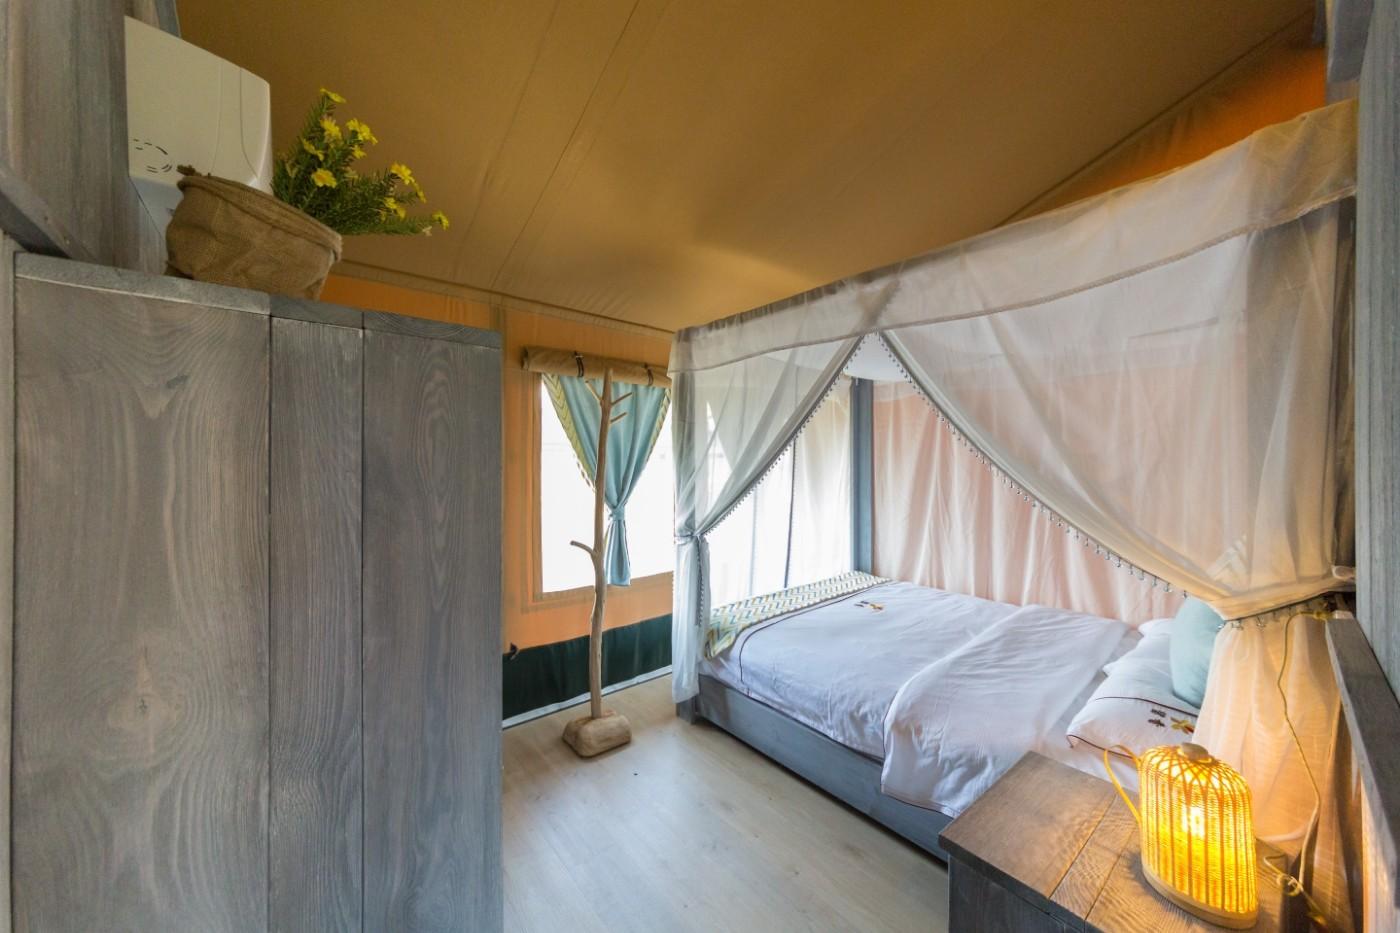 喜马拉雅野奢帐篷酒店—浙江留香之家露营地帐篷酒店(78平)36